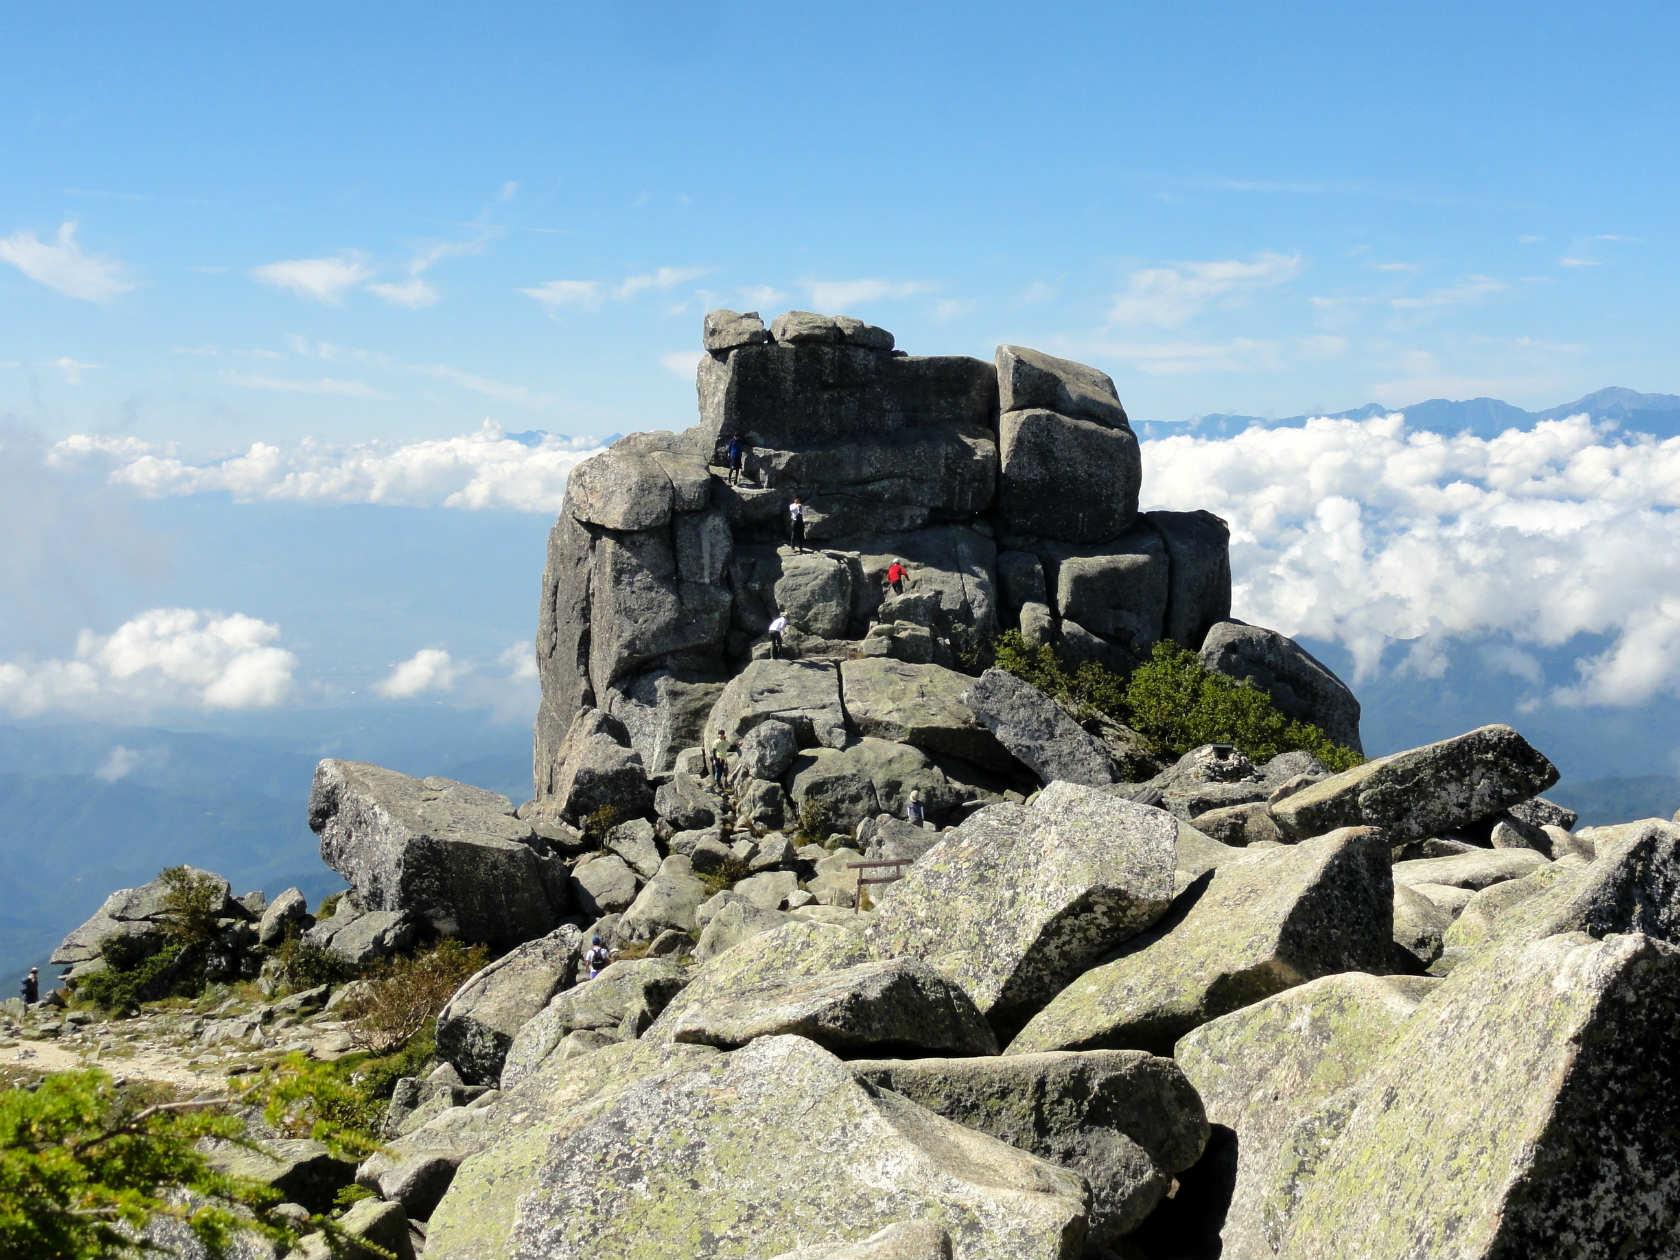 金峰山山頂からの五丈岩